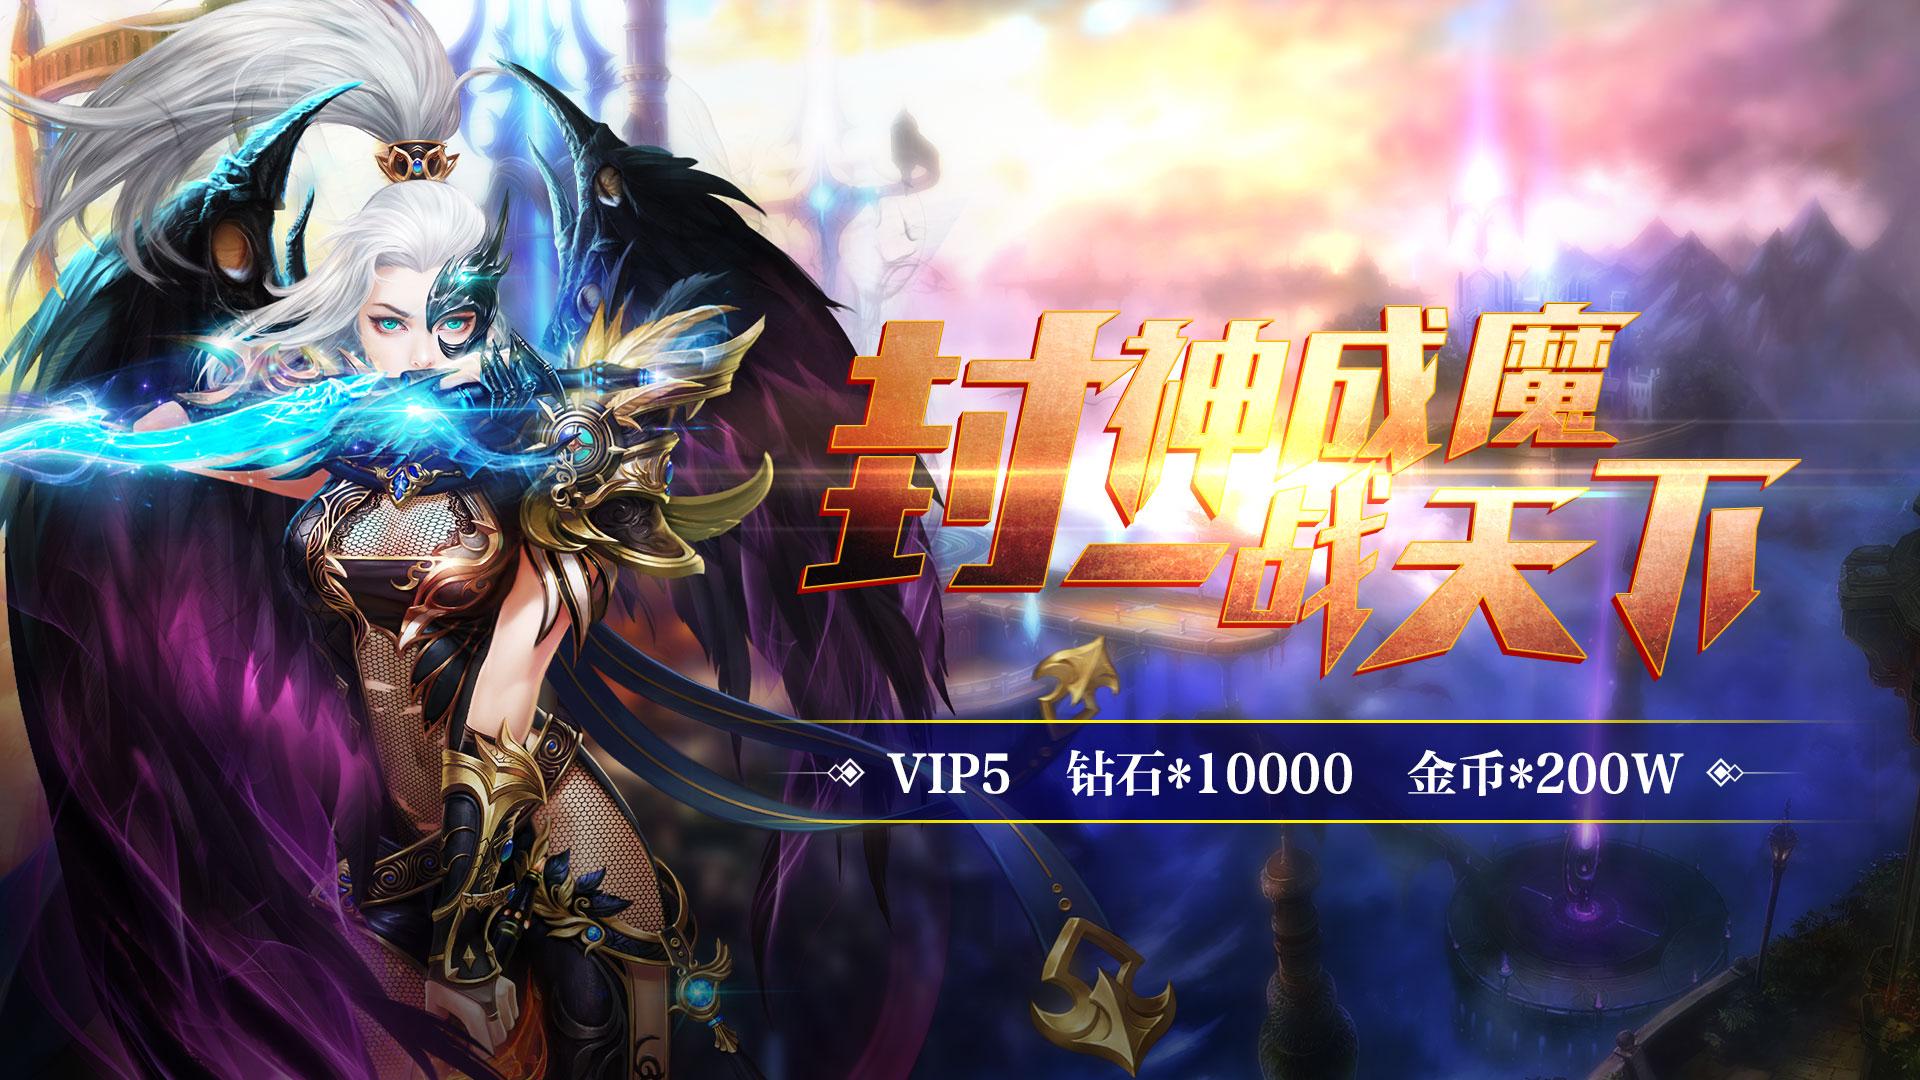 《神魔之翼高爆版》公益服上线送VIP5、钻石10000,金币200万